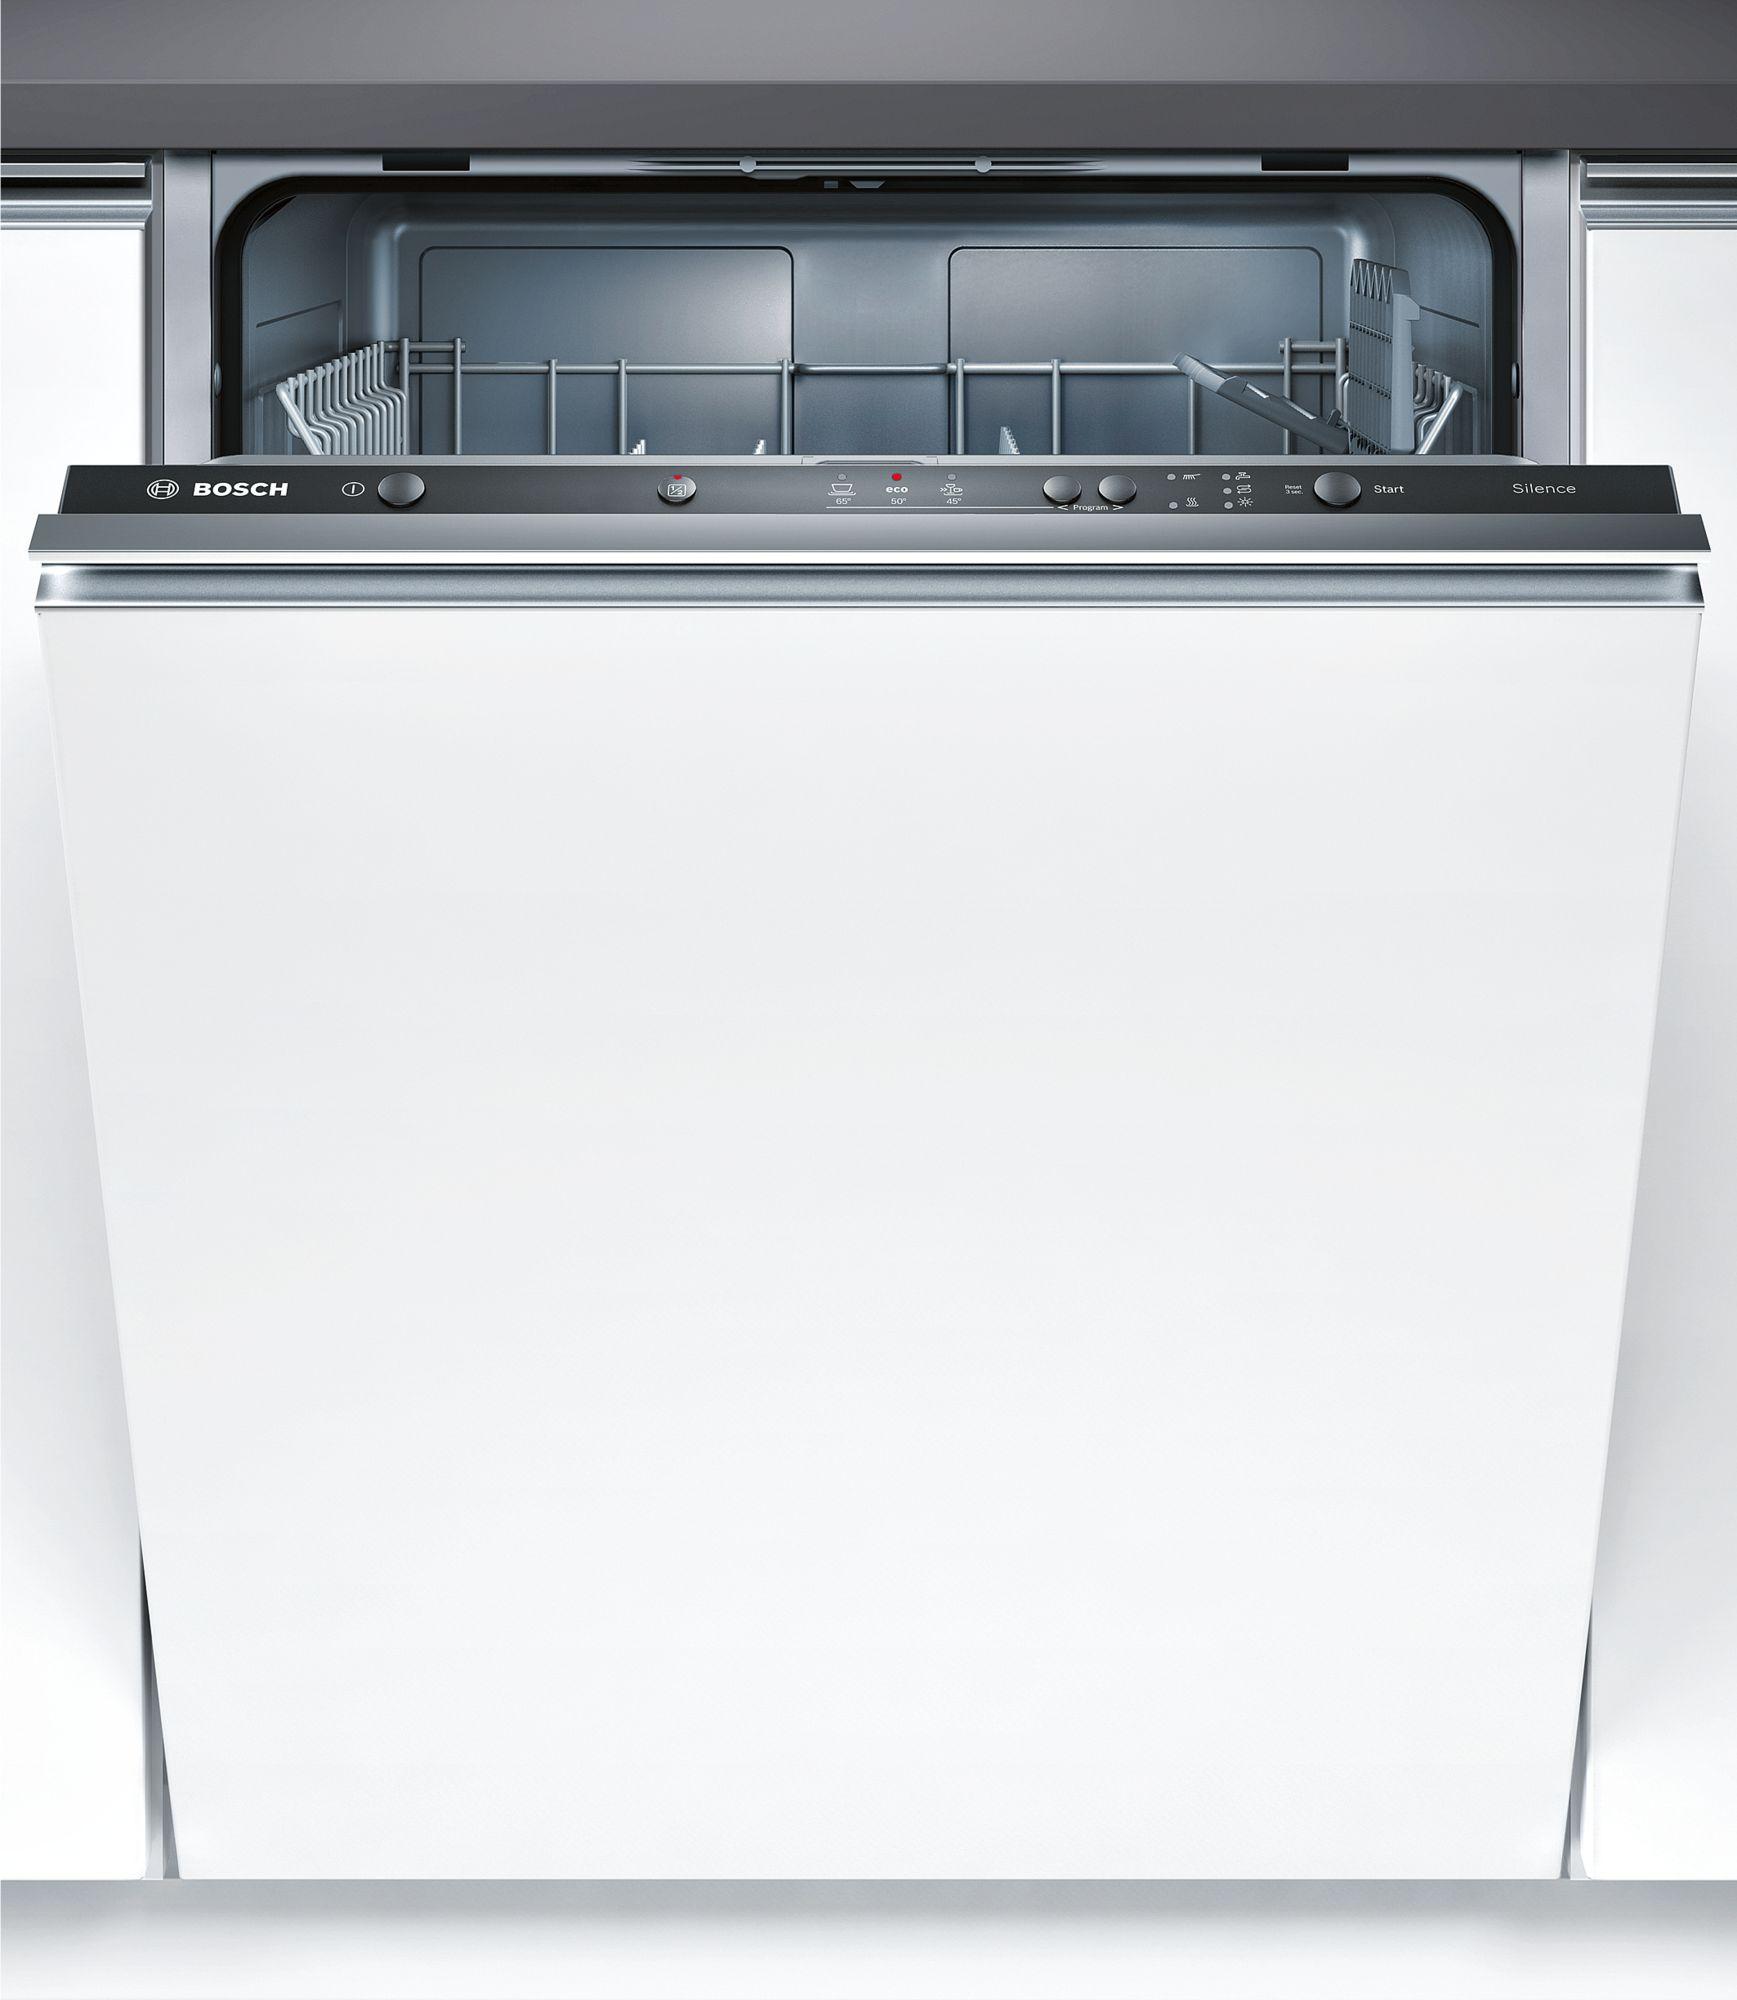 Bosch smv 50e50 инструкция